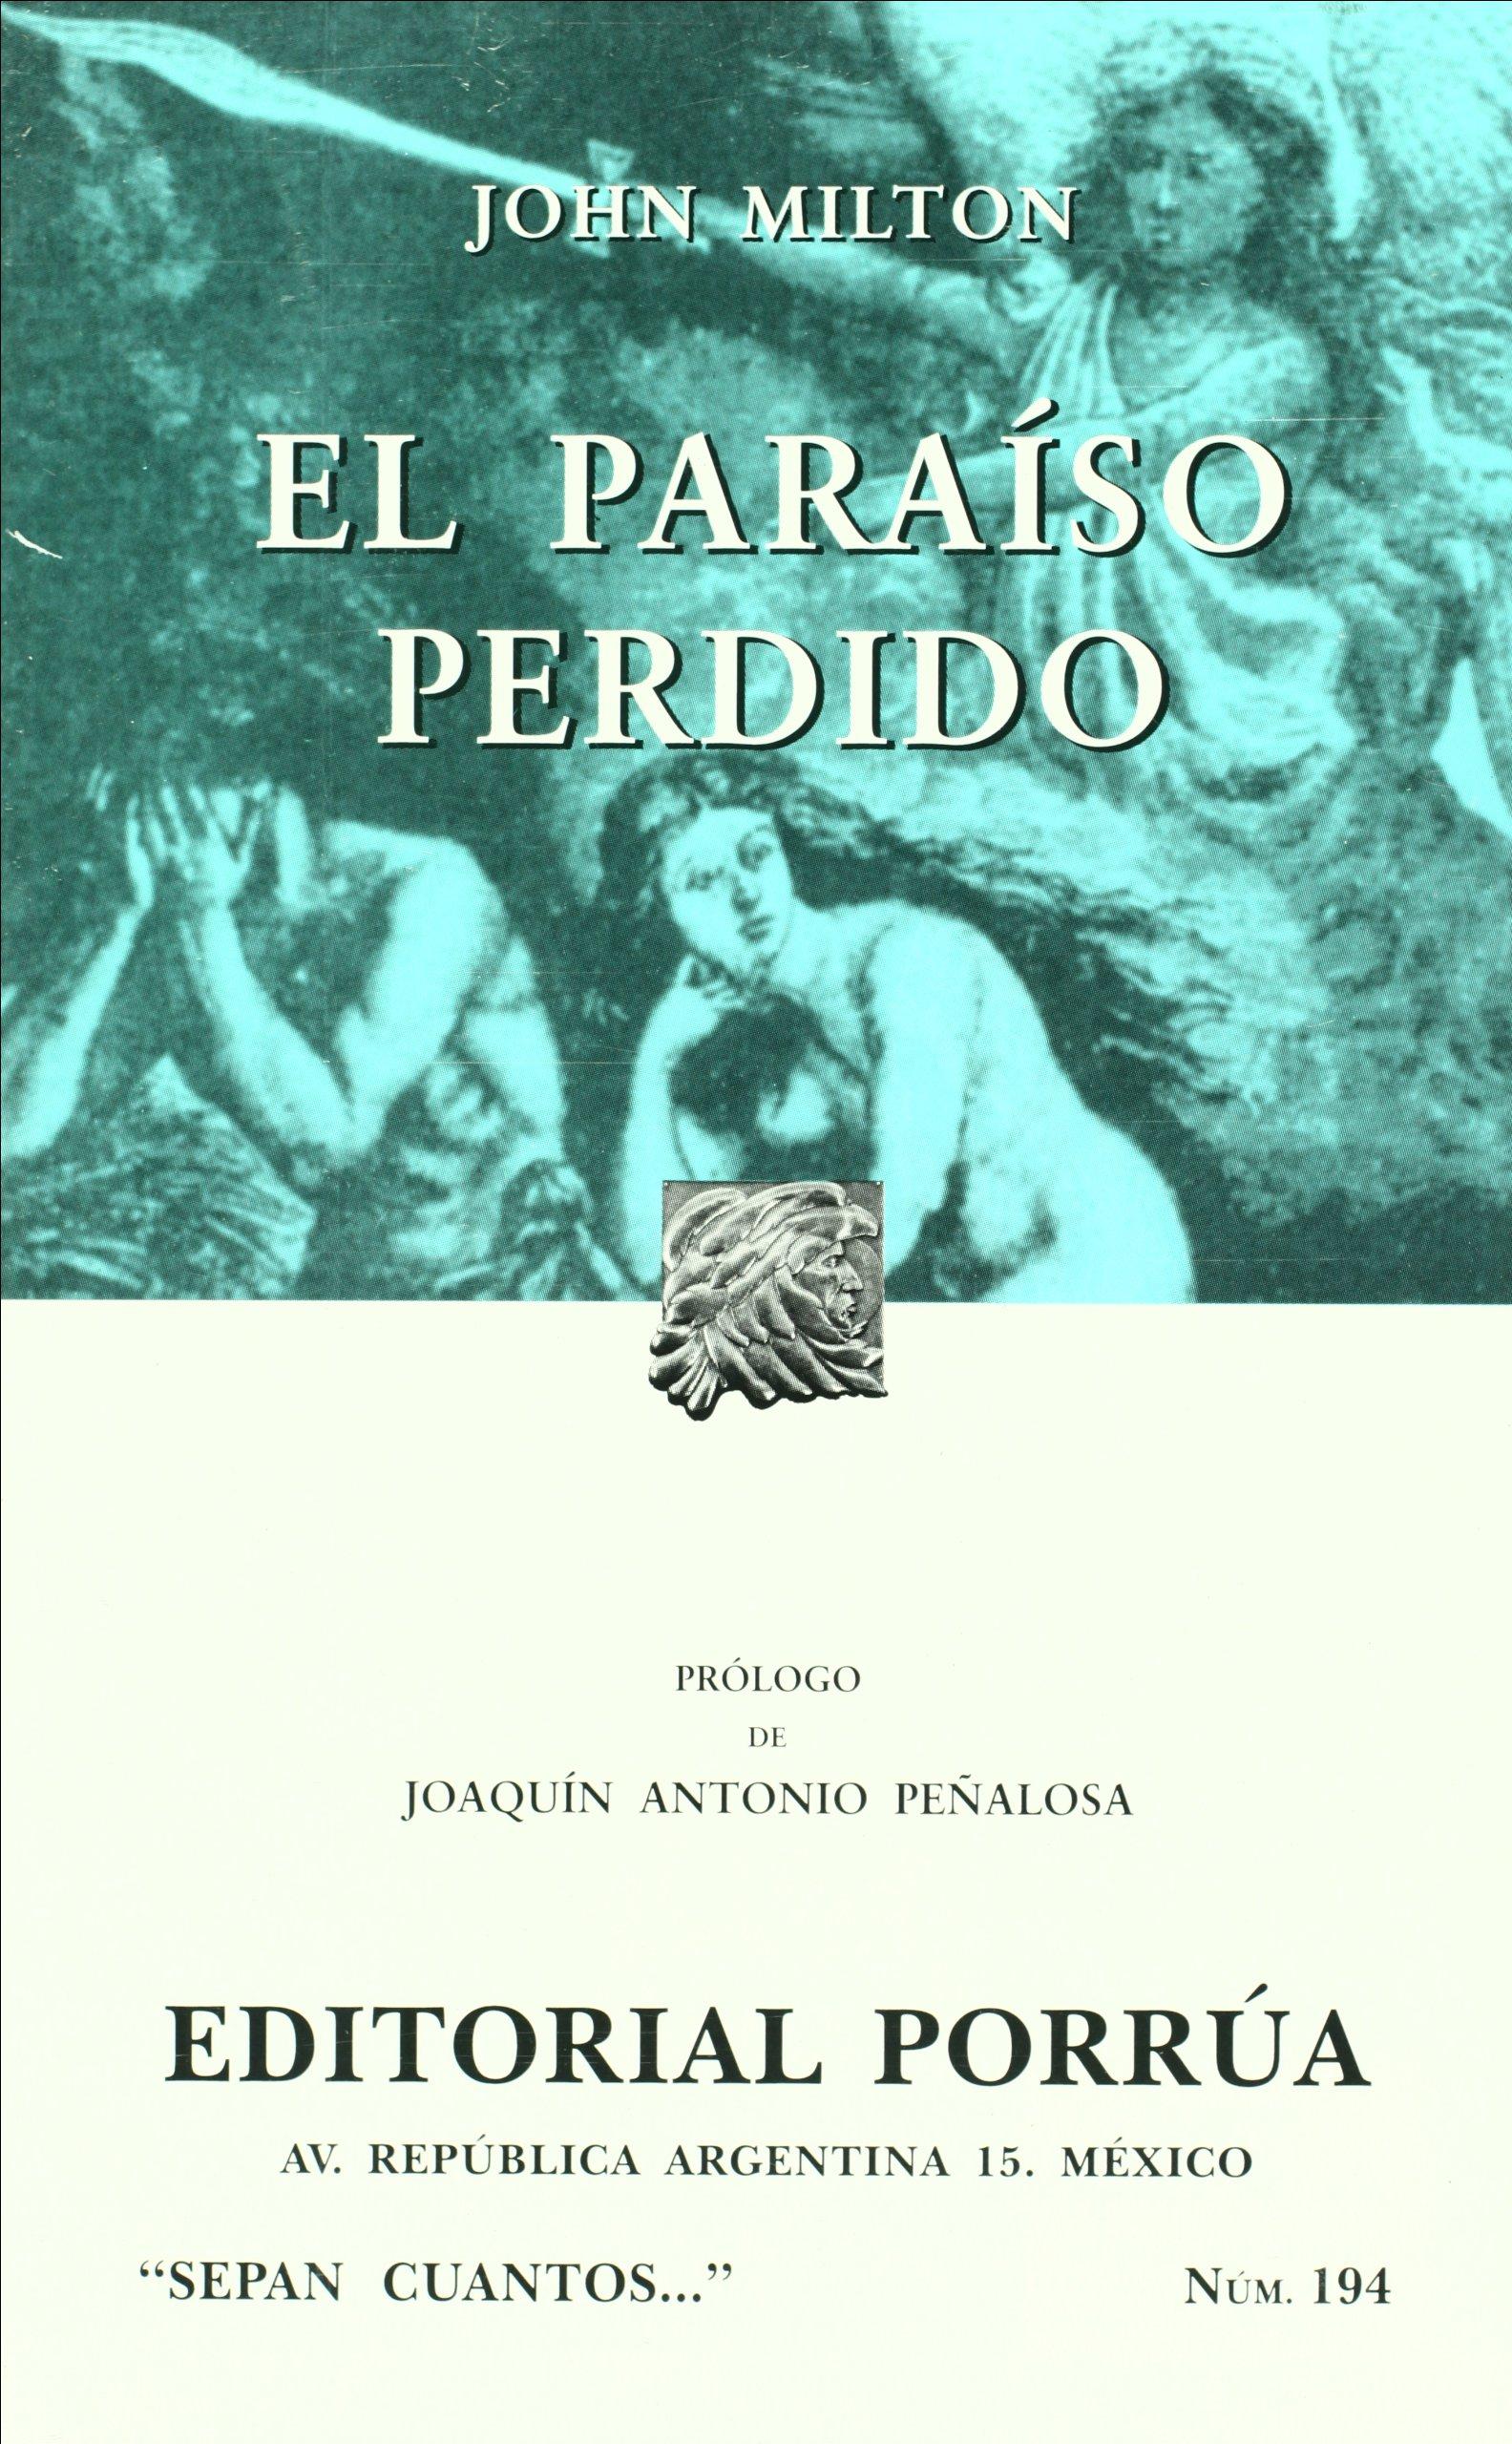 El paraiso perdido (Sepan Cuantos # 194) (Spanish Edition): Joaquin Antonio  Peñalosa, John Milton: 9789700751689: Amazon.com: Books